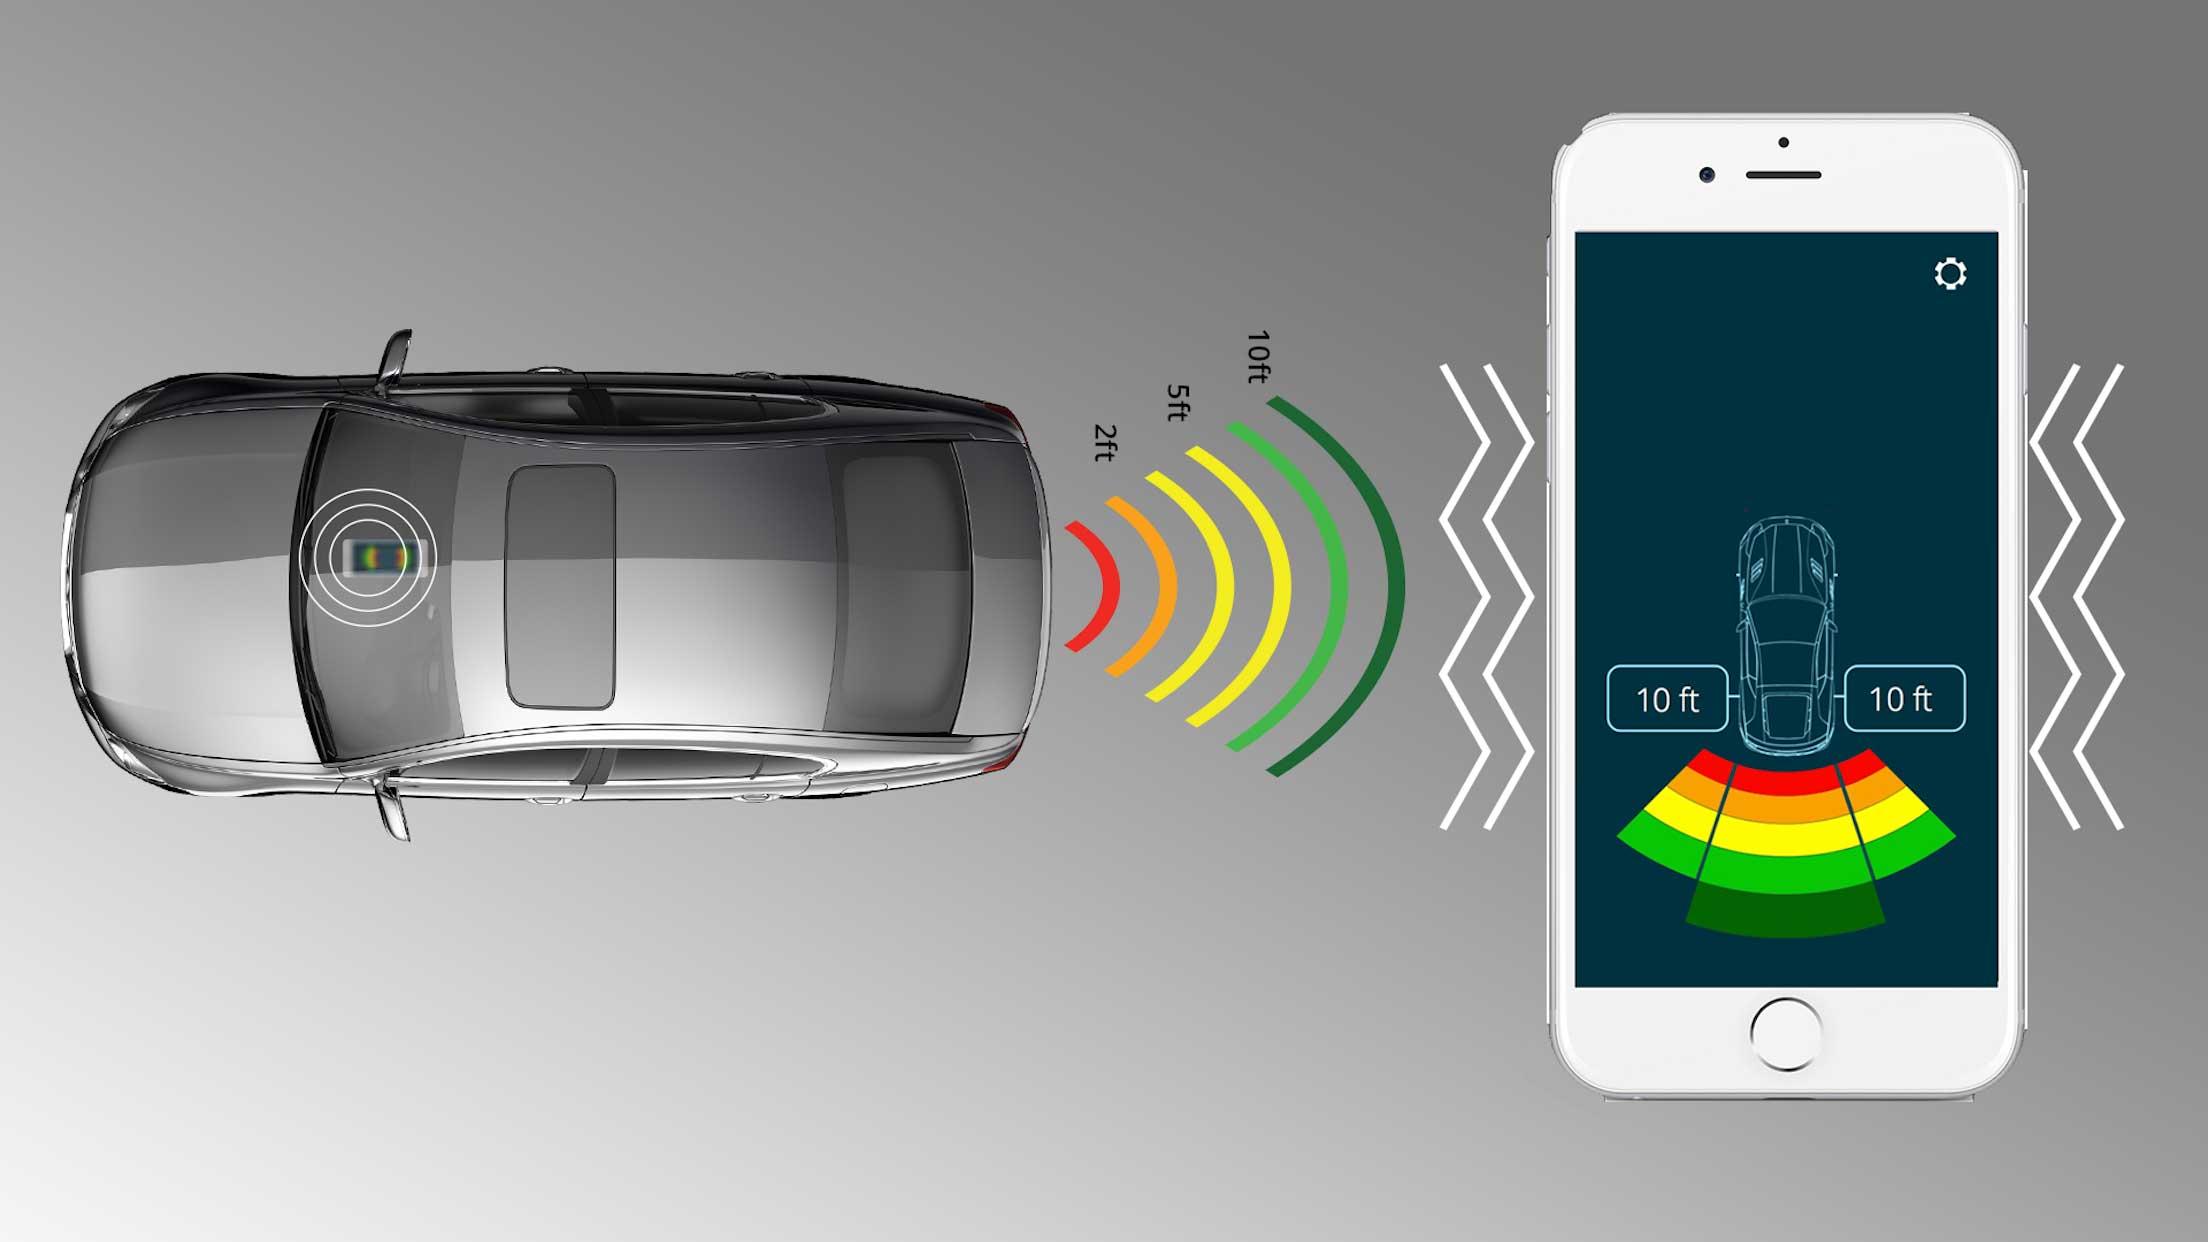 Parkovací senzor pro chytré telefony